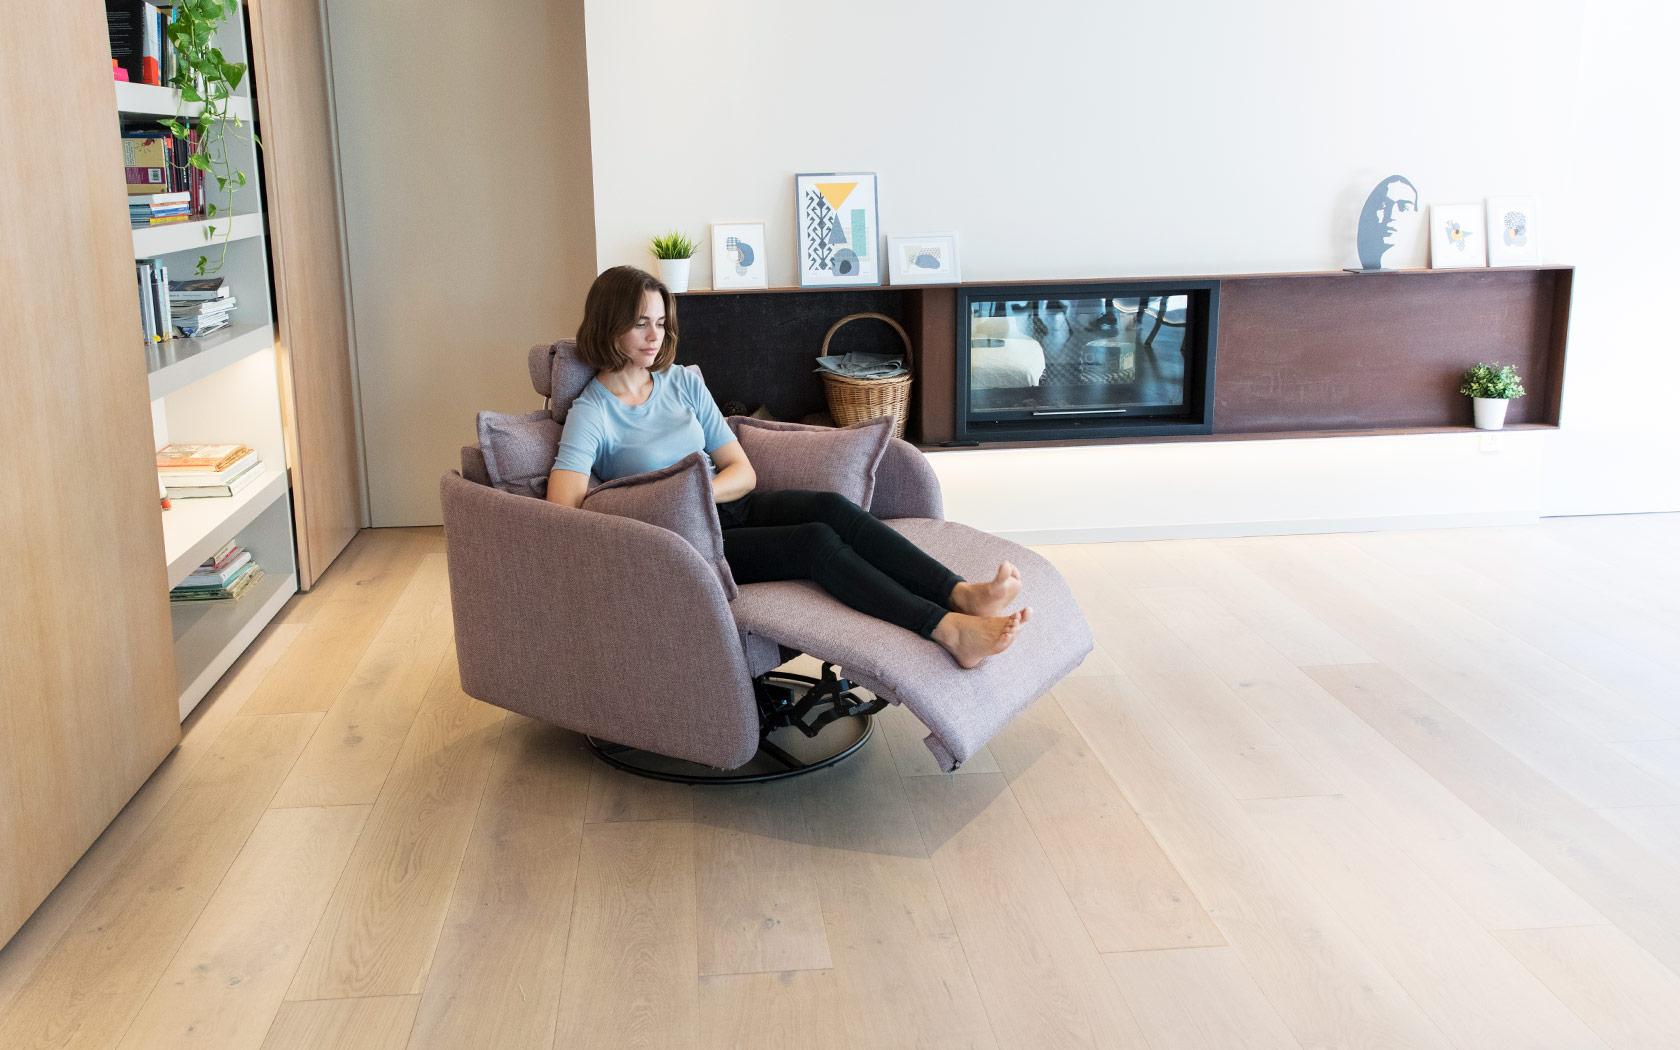 Eva sillón relax 2020 03